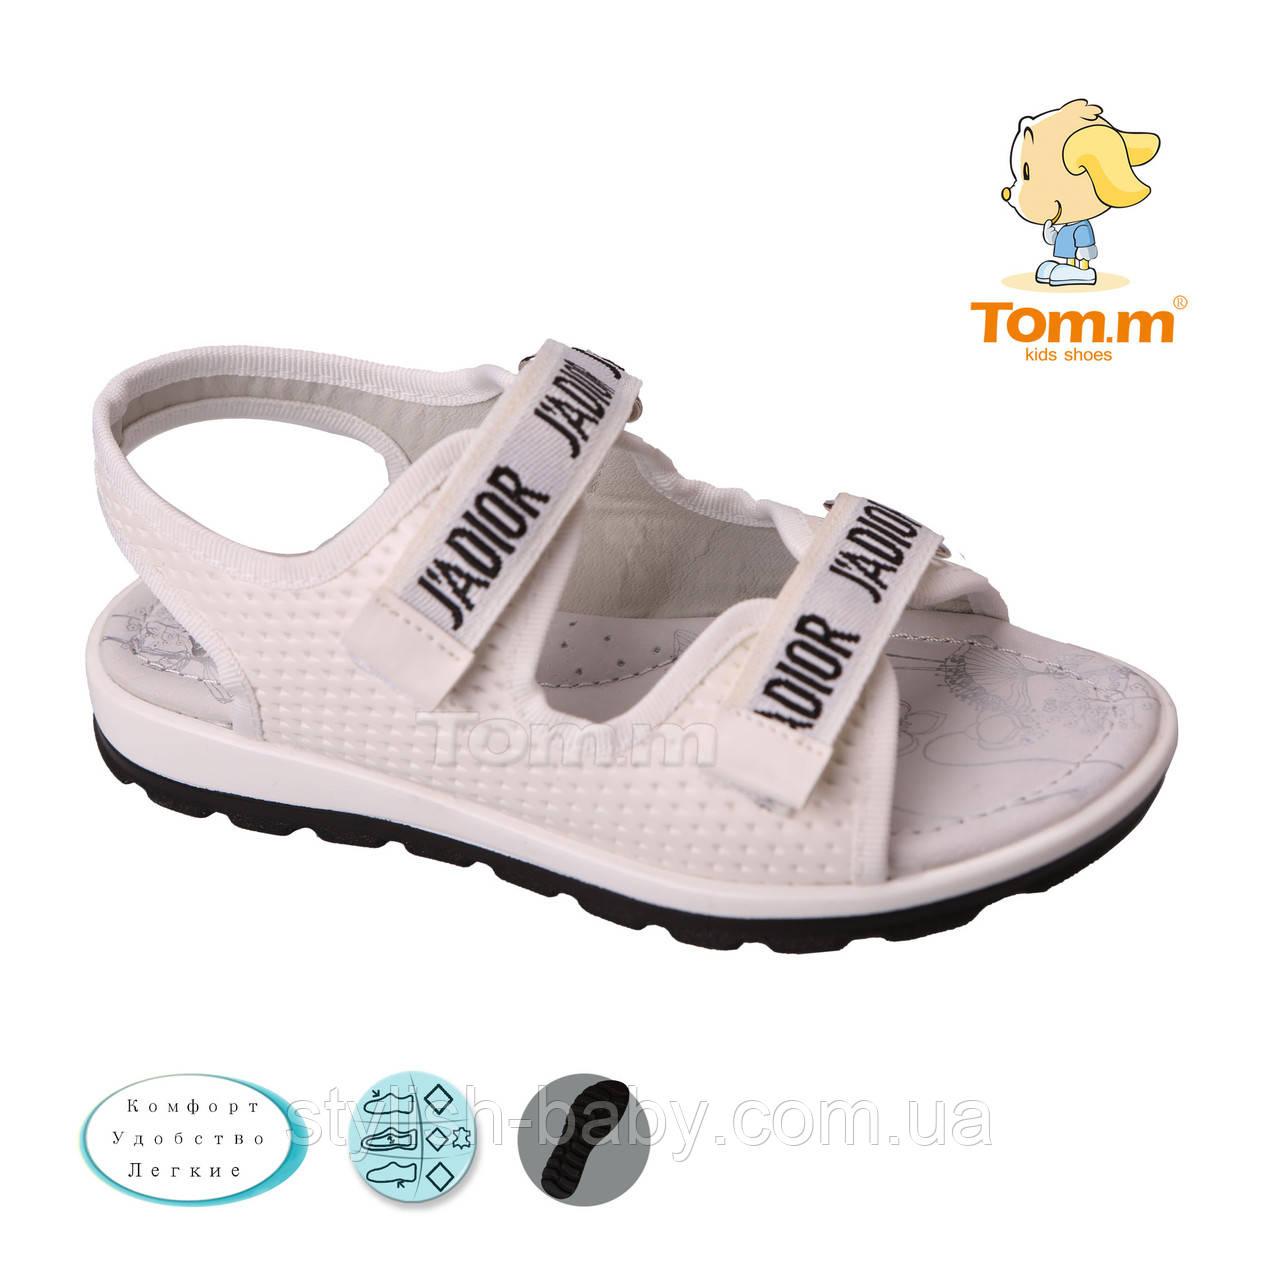 Детская коллекция летней обуви 2018. Детские босоножки бренда Tom.m для девочек (рр. с 31 по 36)